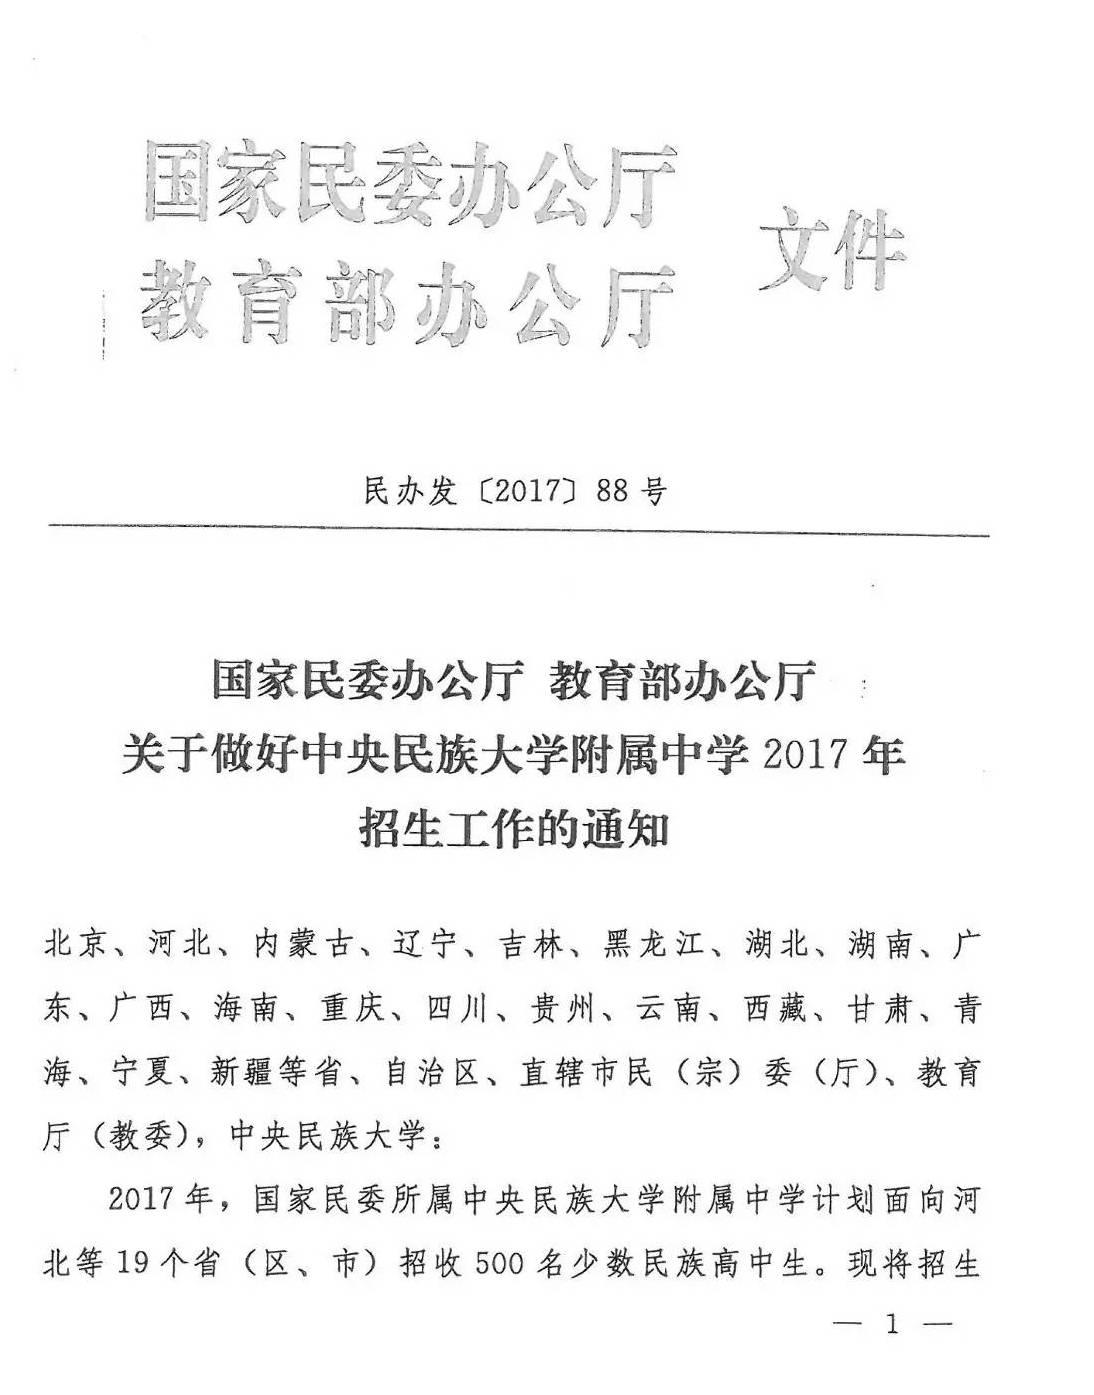 中央民族大学v数学数学招收贵州面向48名少数中学联赛高中手册备考图片